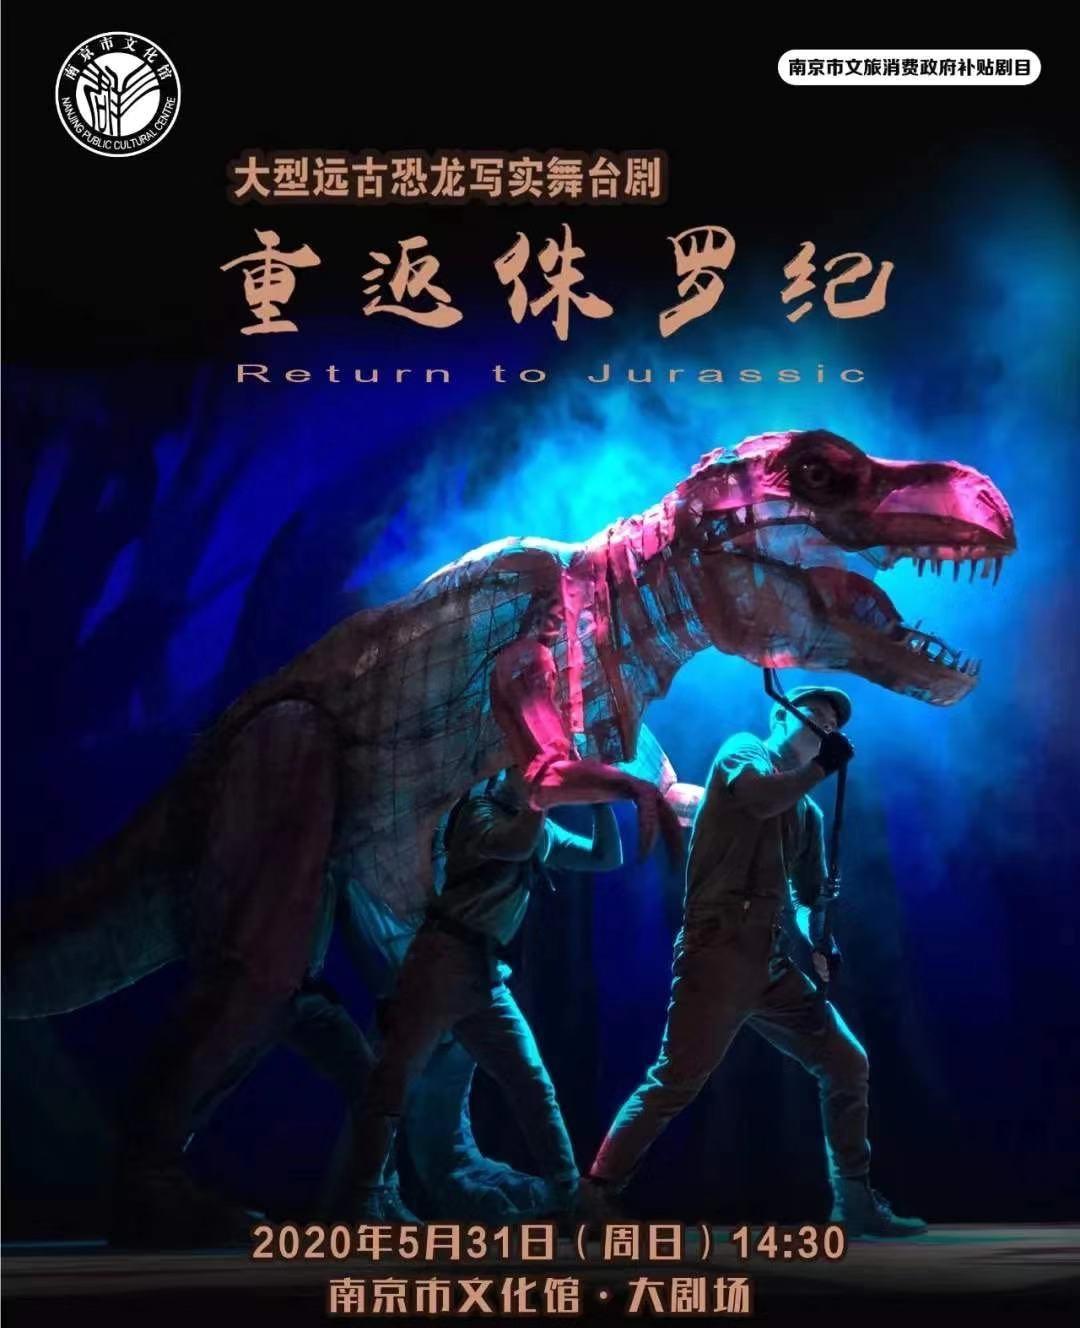 儿童舞台剧《重返侏罗纪》南京站